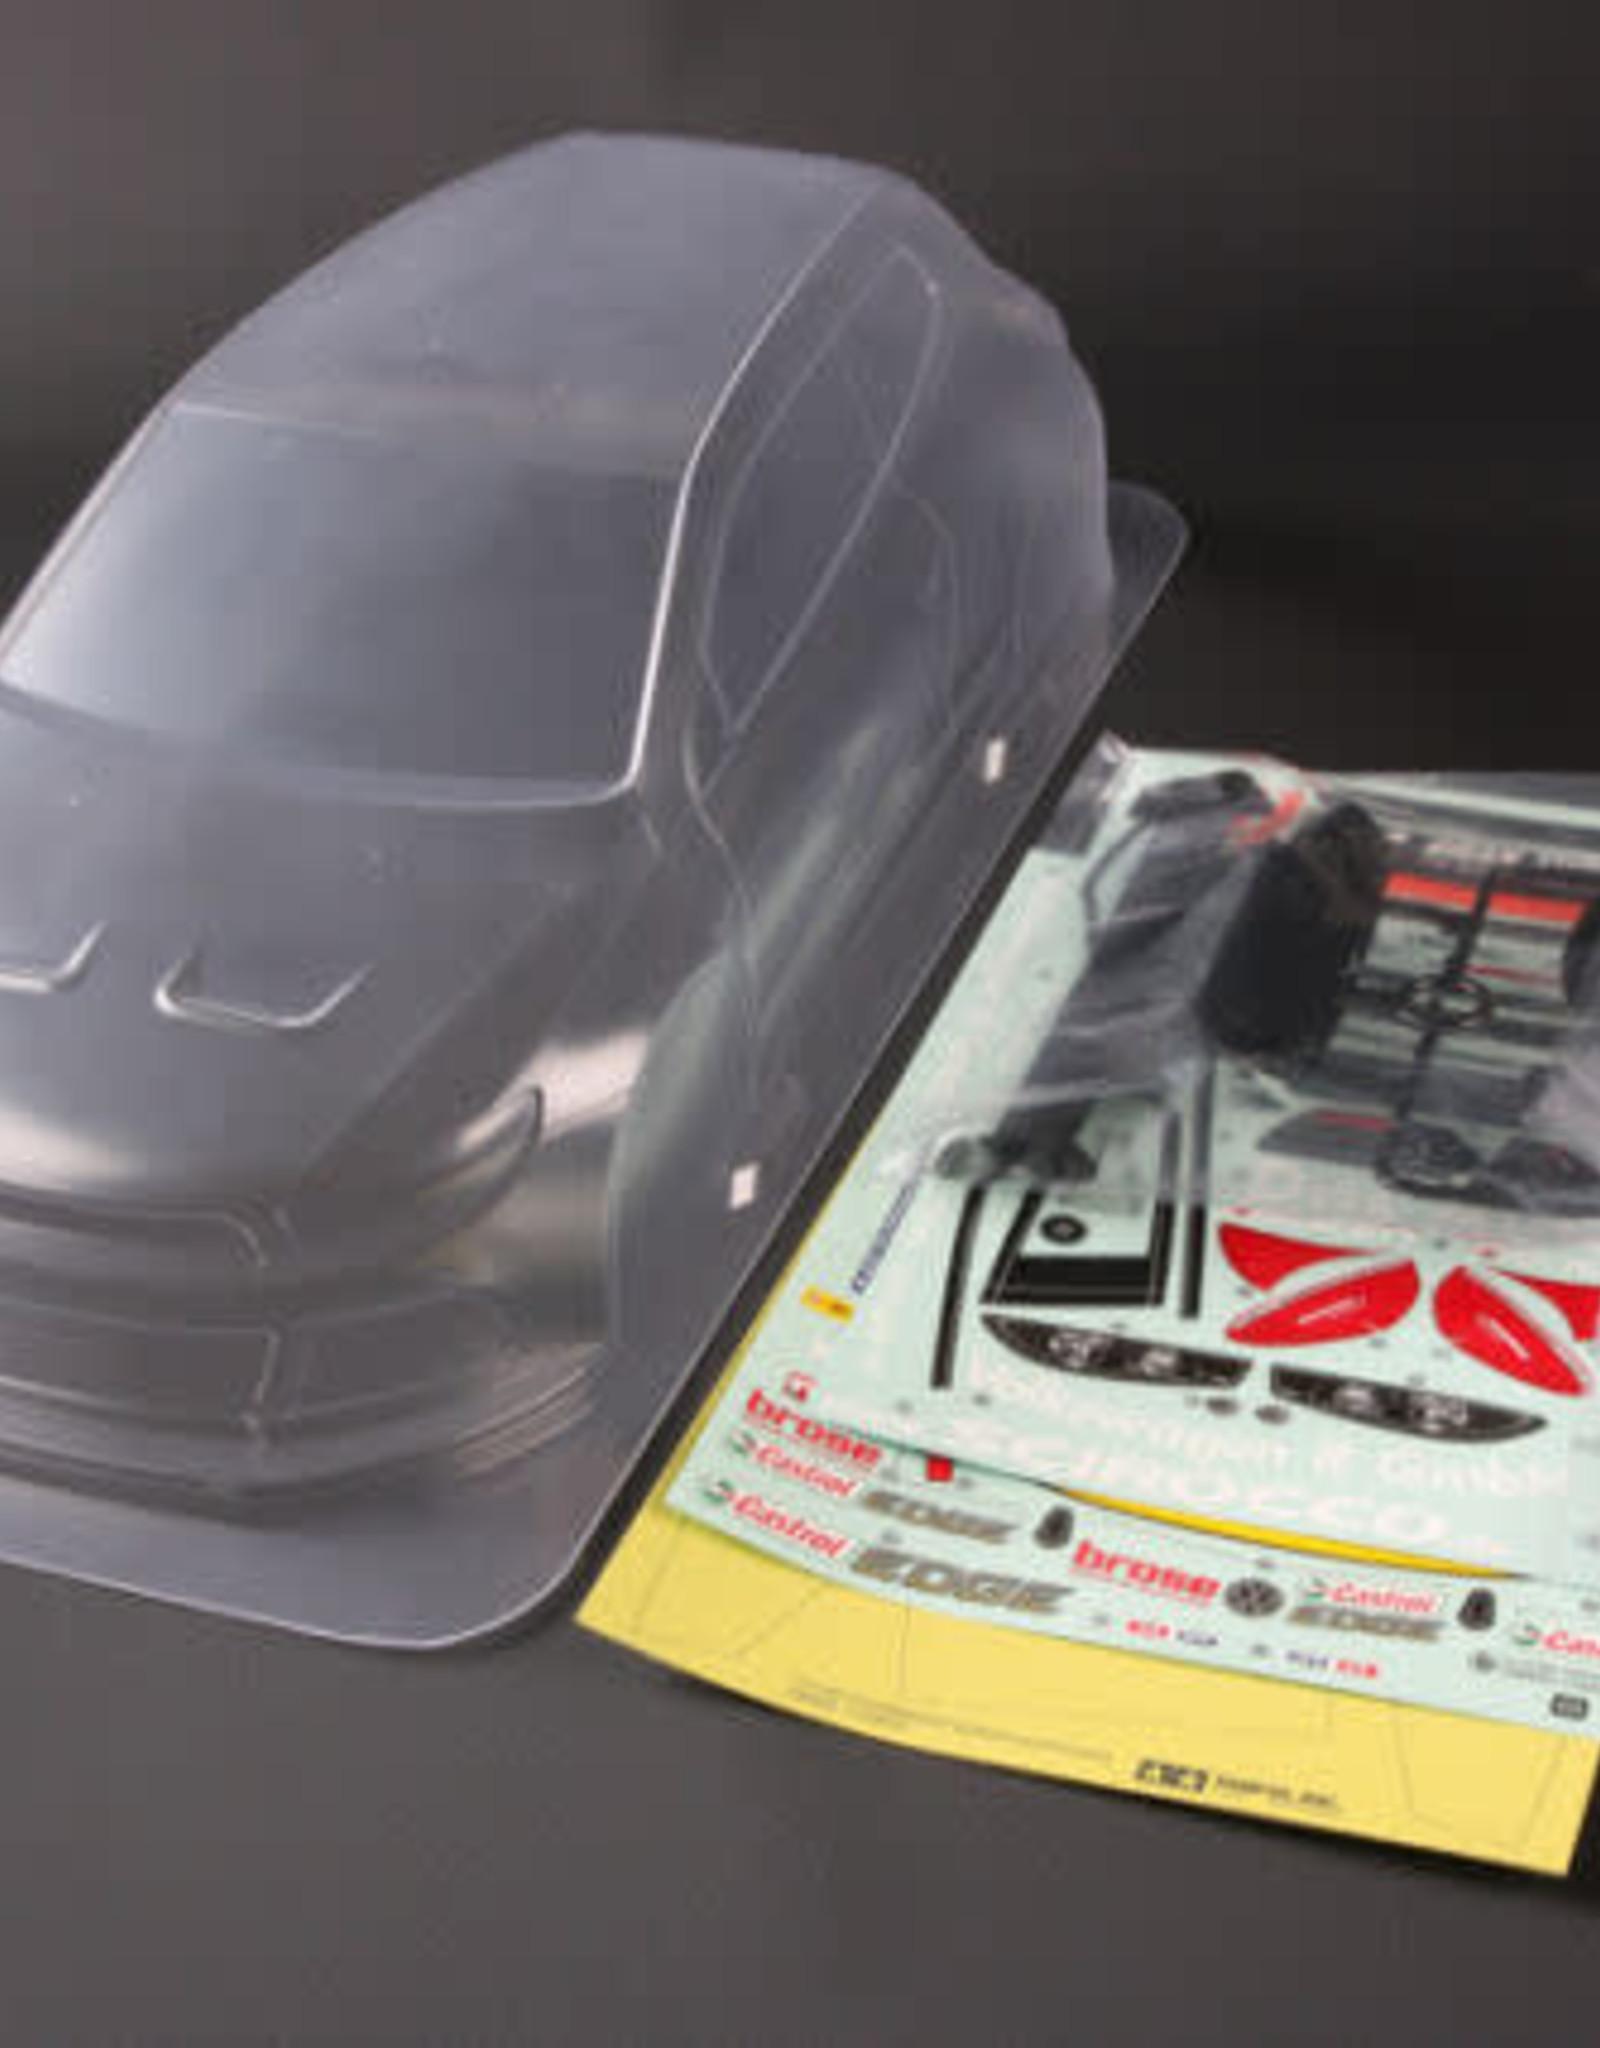 Tamiya Tamiya 47357 Body Set VW Scirocco Gt24-cng Lightweight